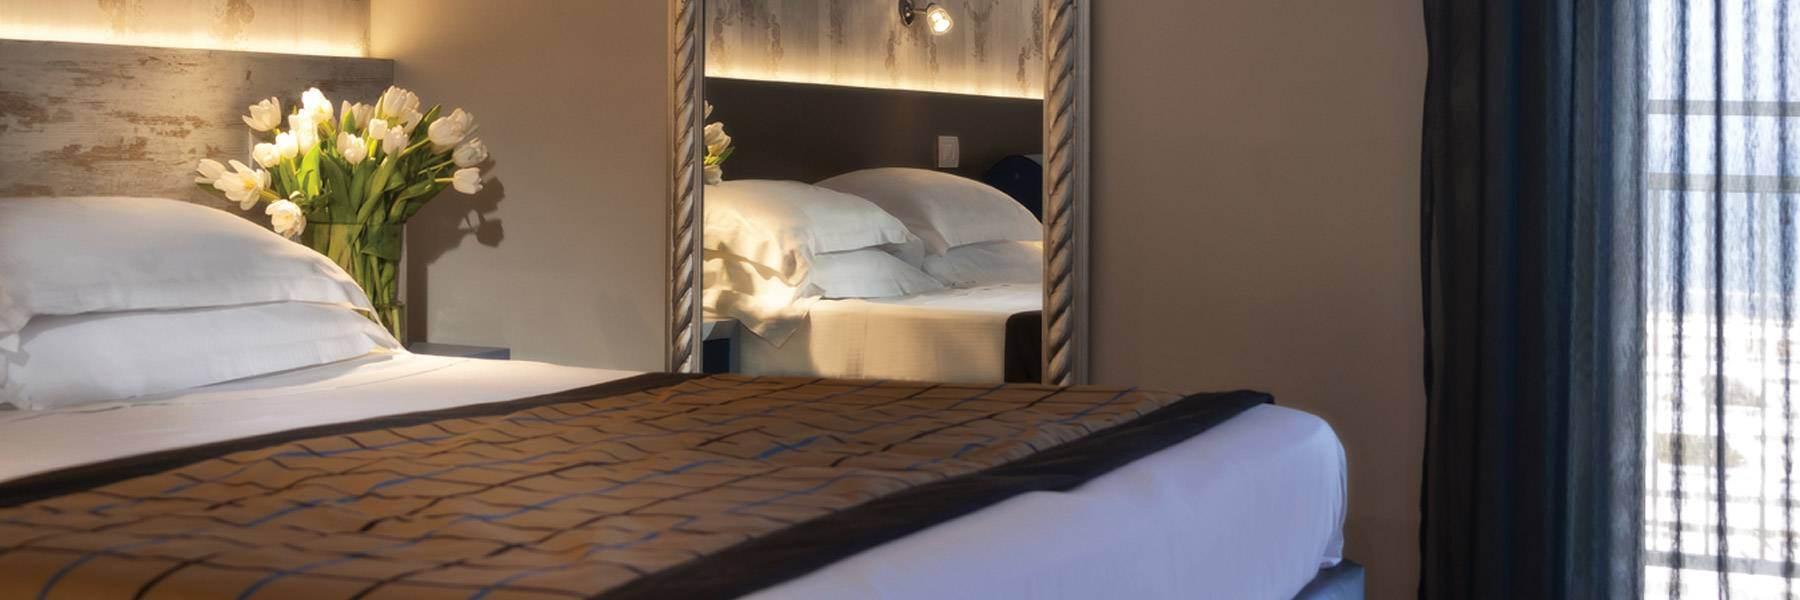 Camere Comfort a Riccione   Hotel Roma